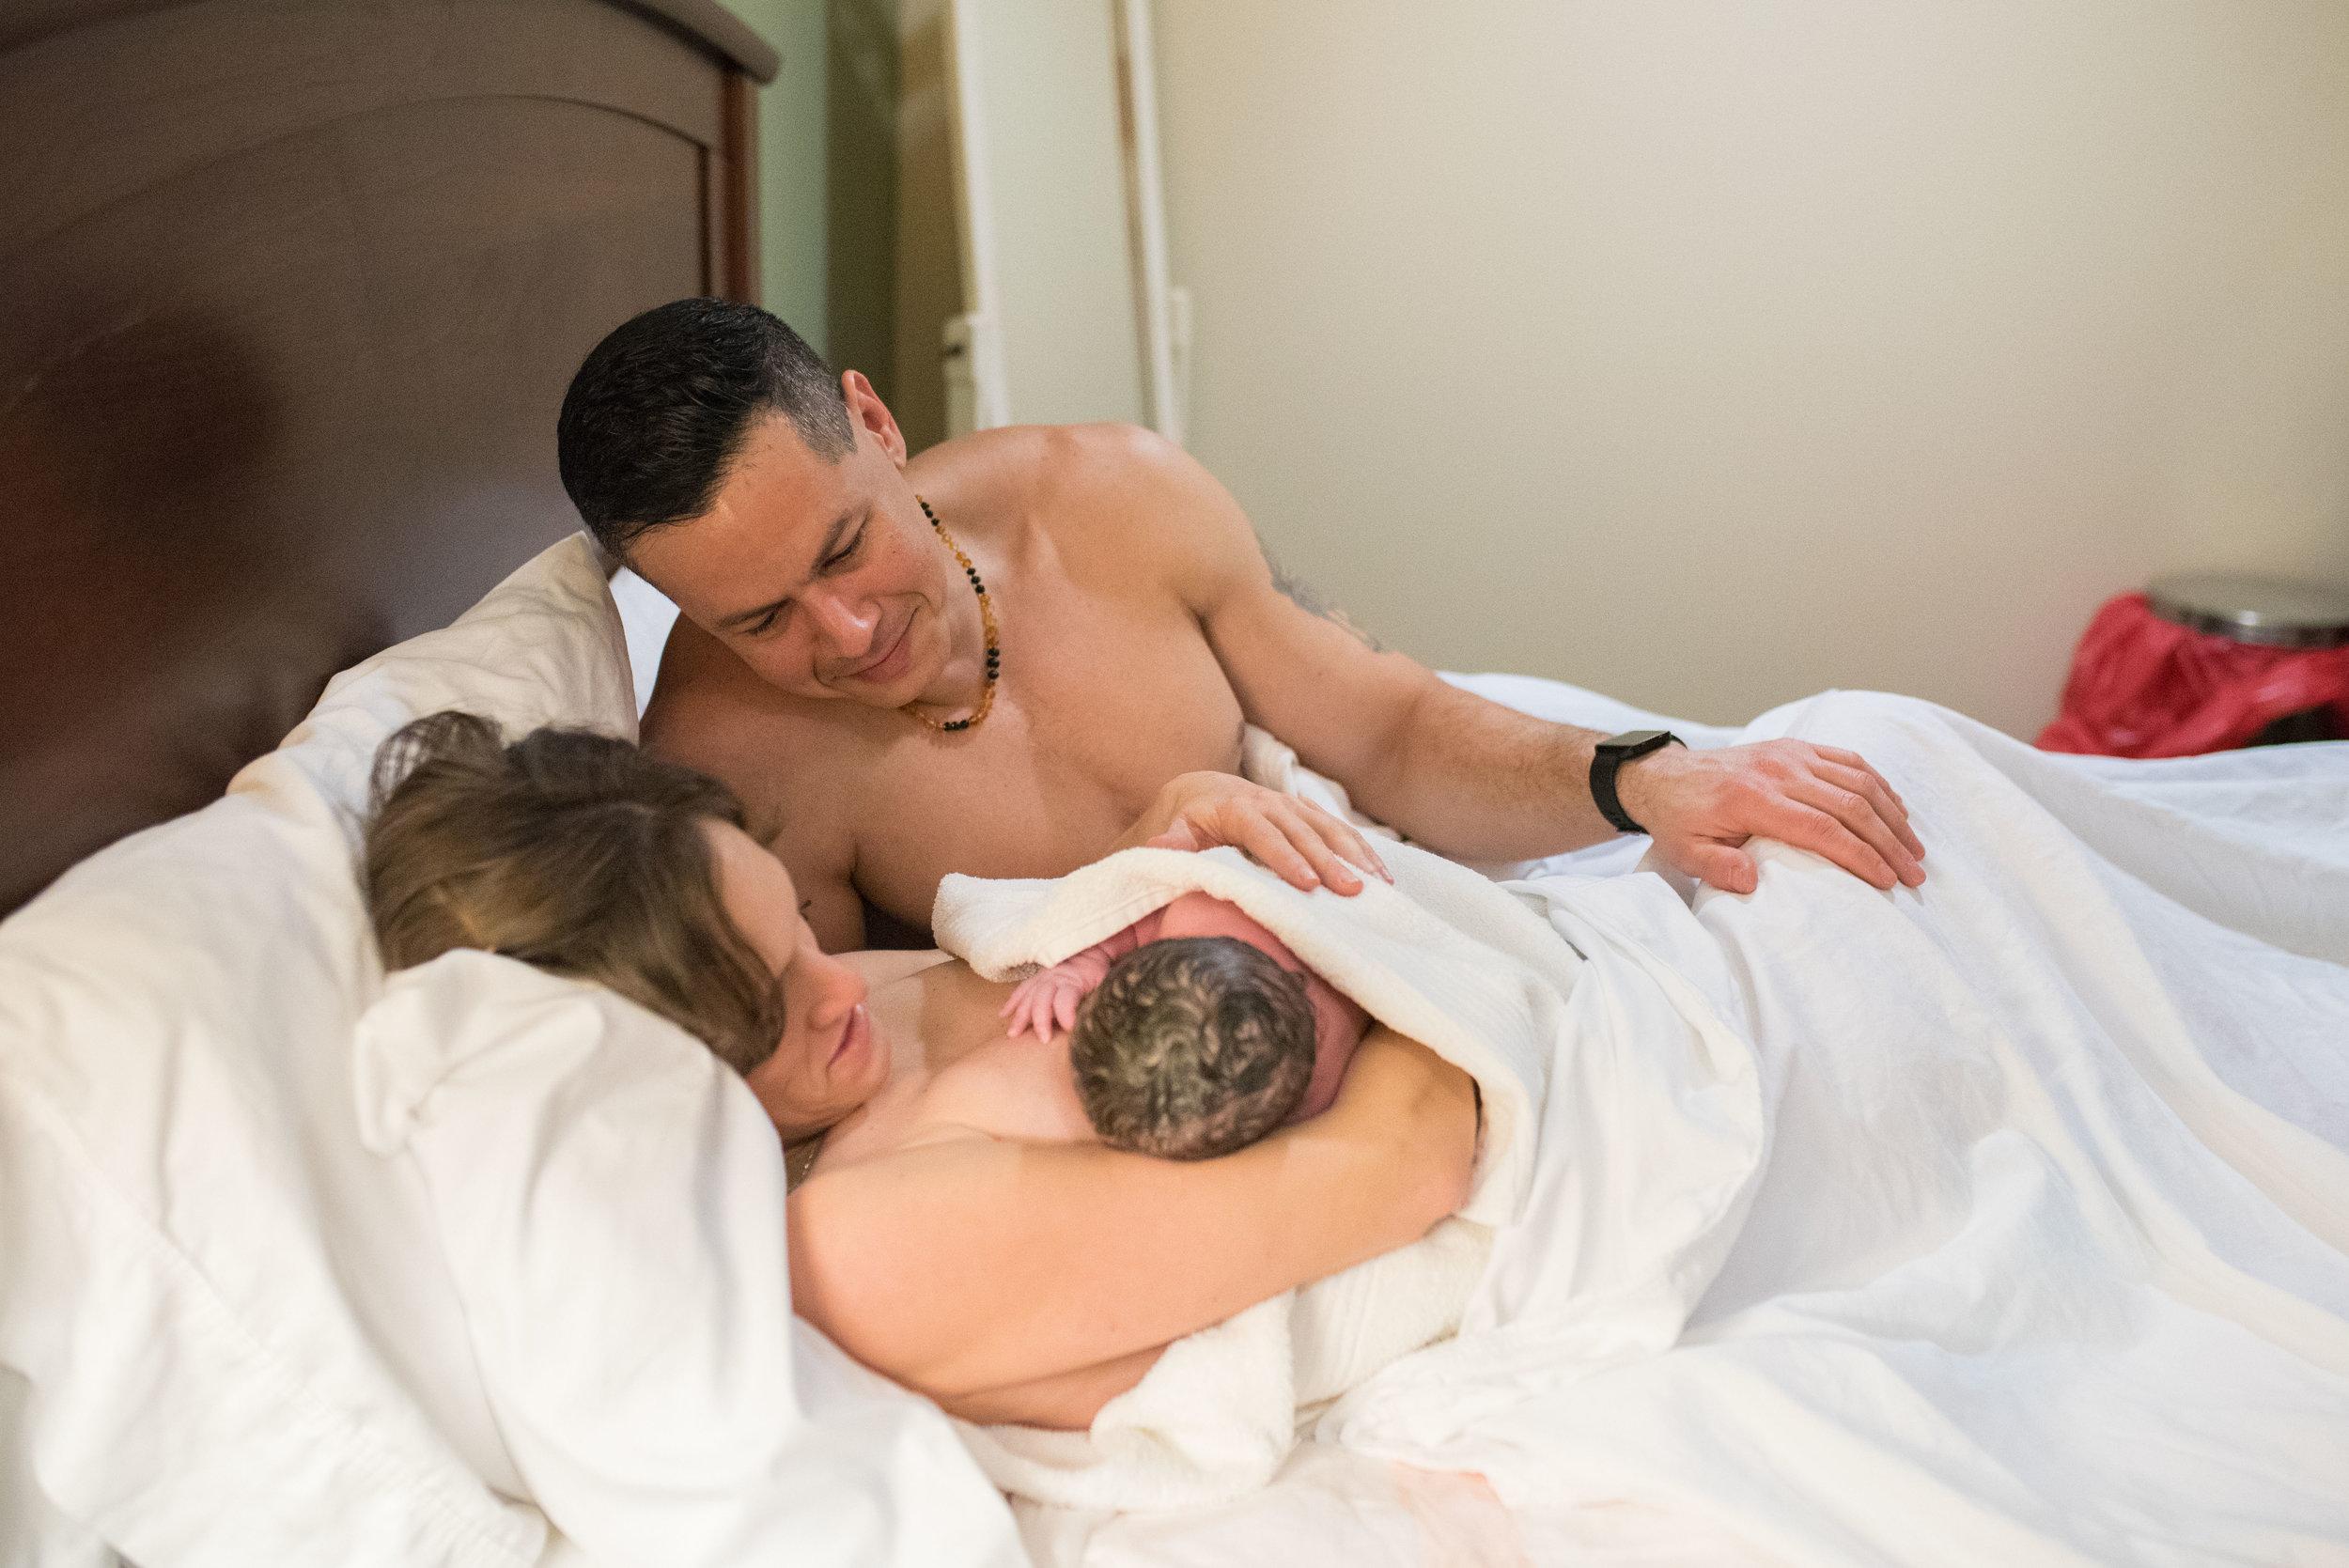 038-UF-birth-center-jacksonville-birth-photographer.JPG